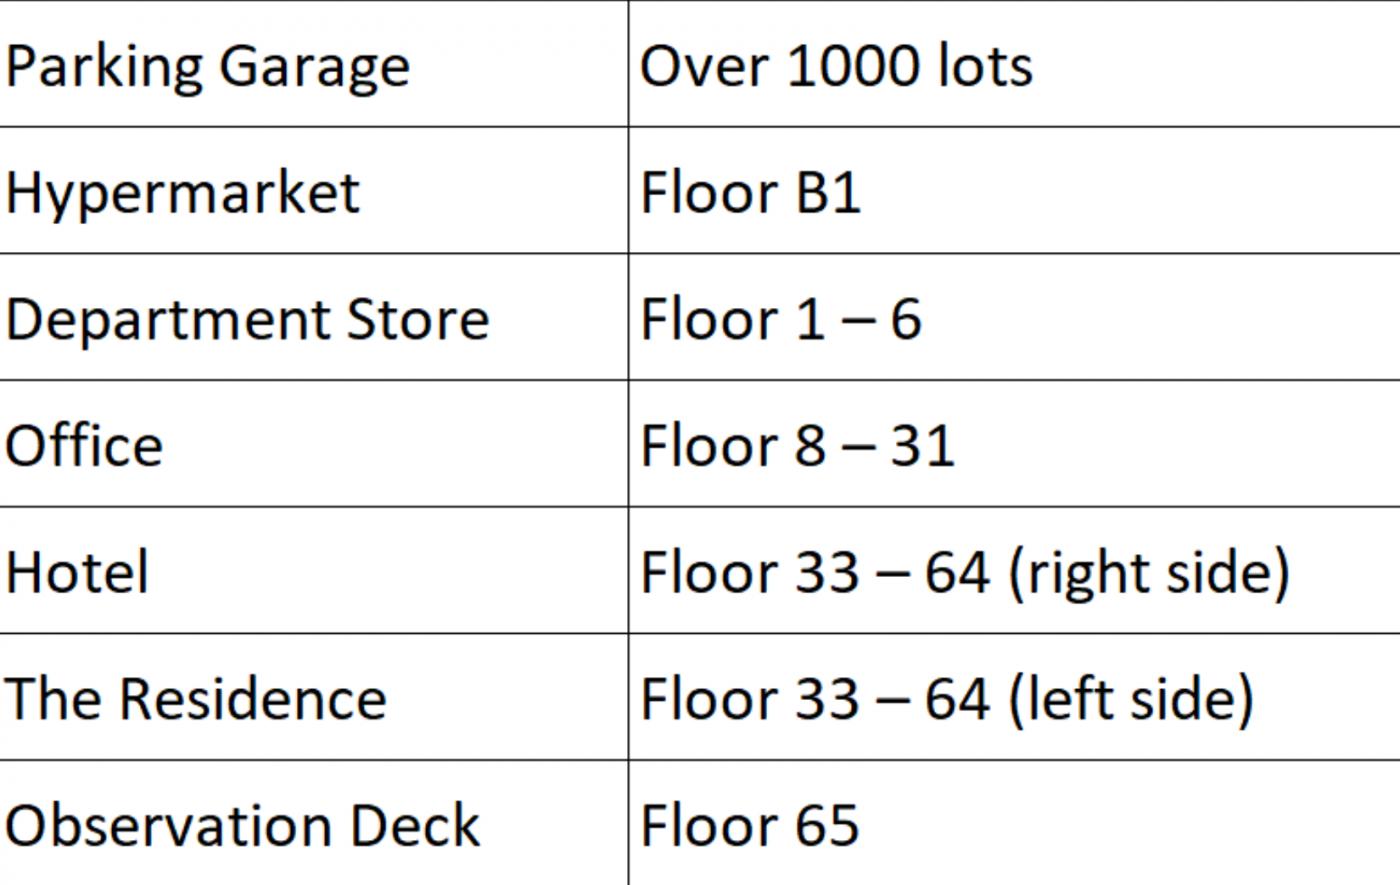 Lottle Information